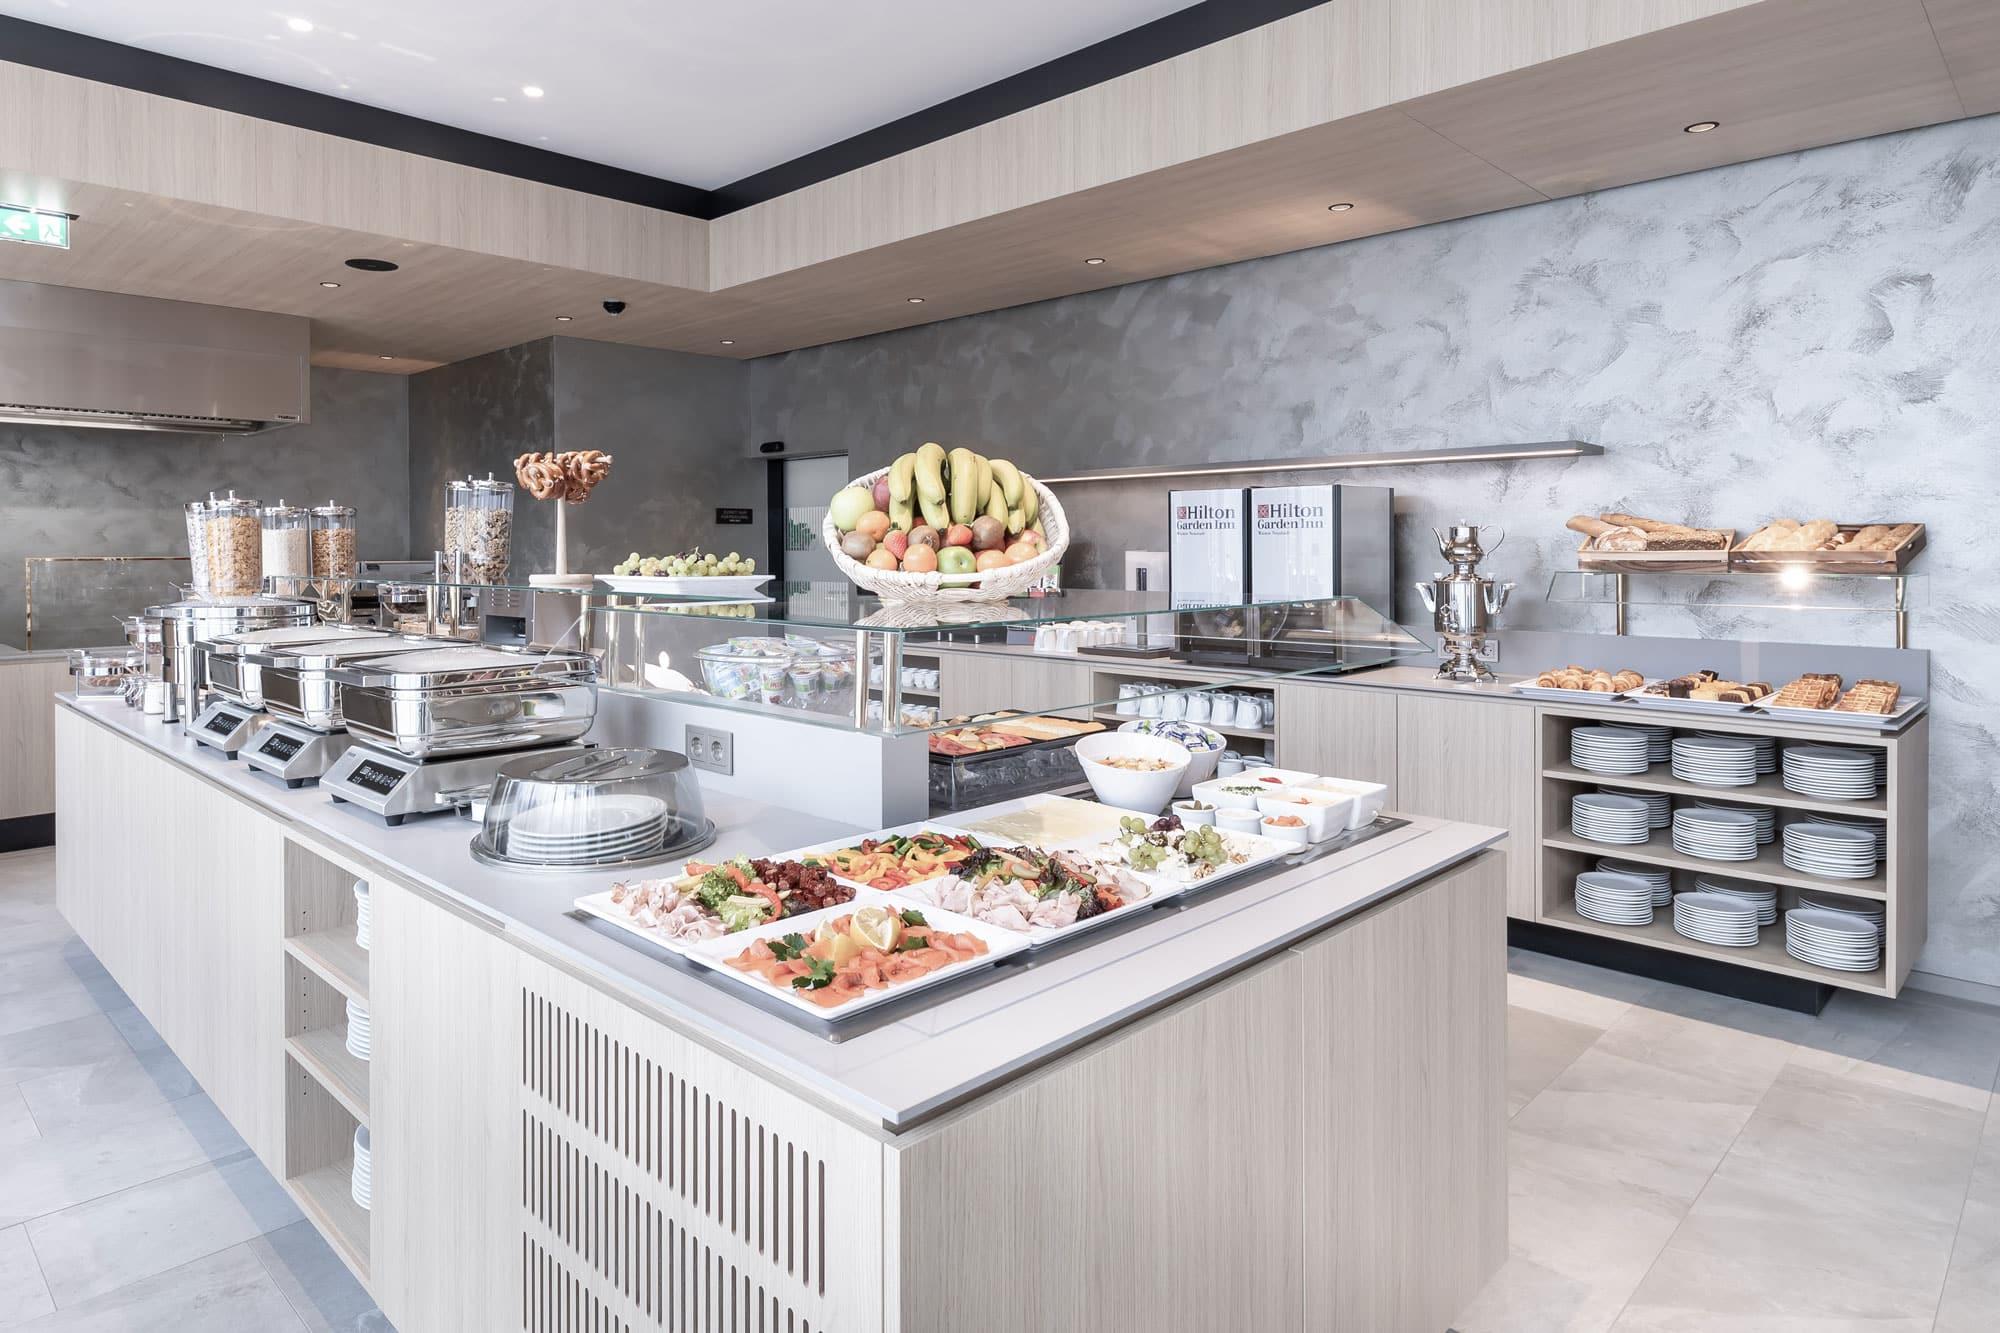 Hilton Garden Inn  - COL EXP 20190213 C68I8885 V01 48